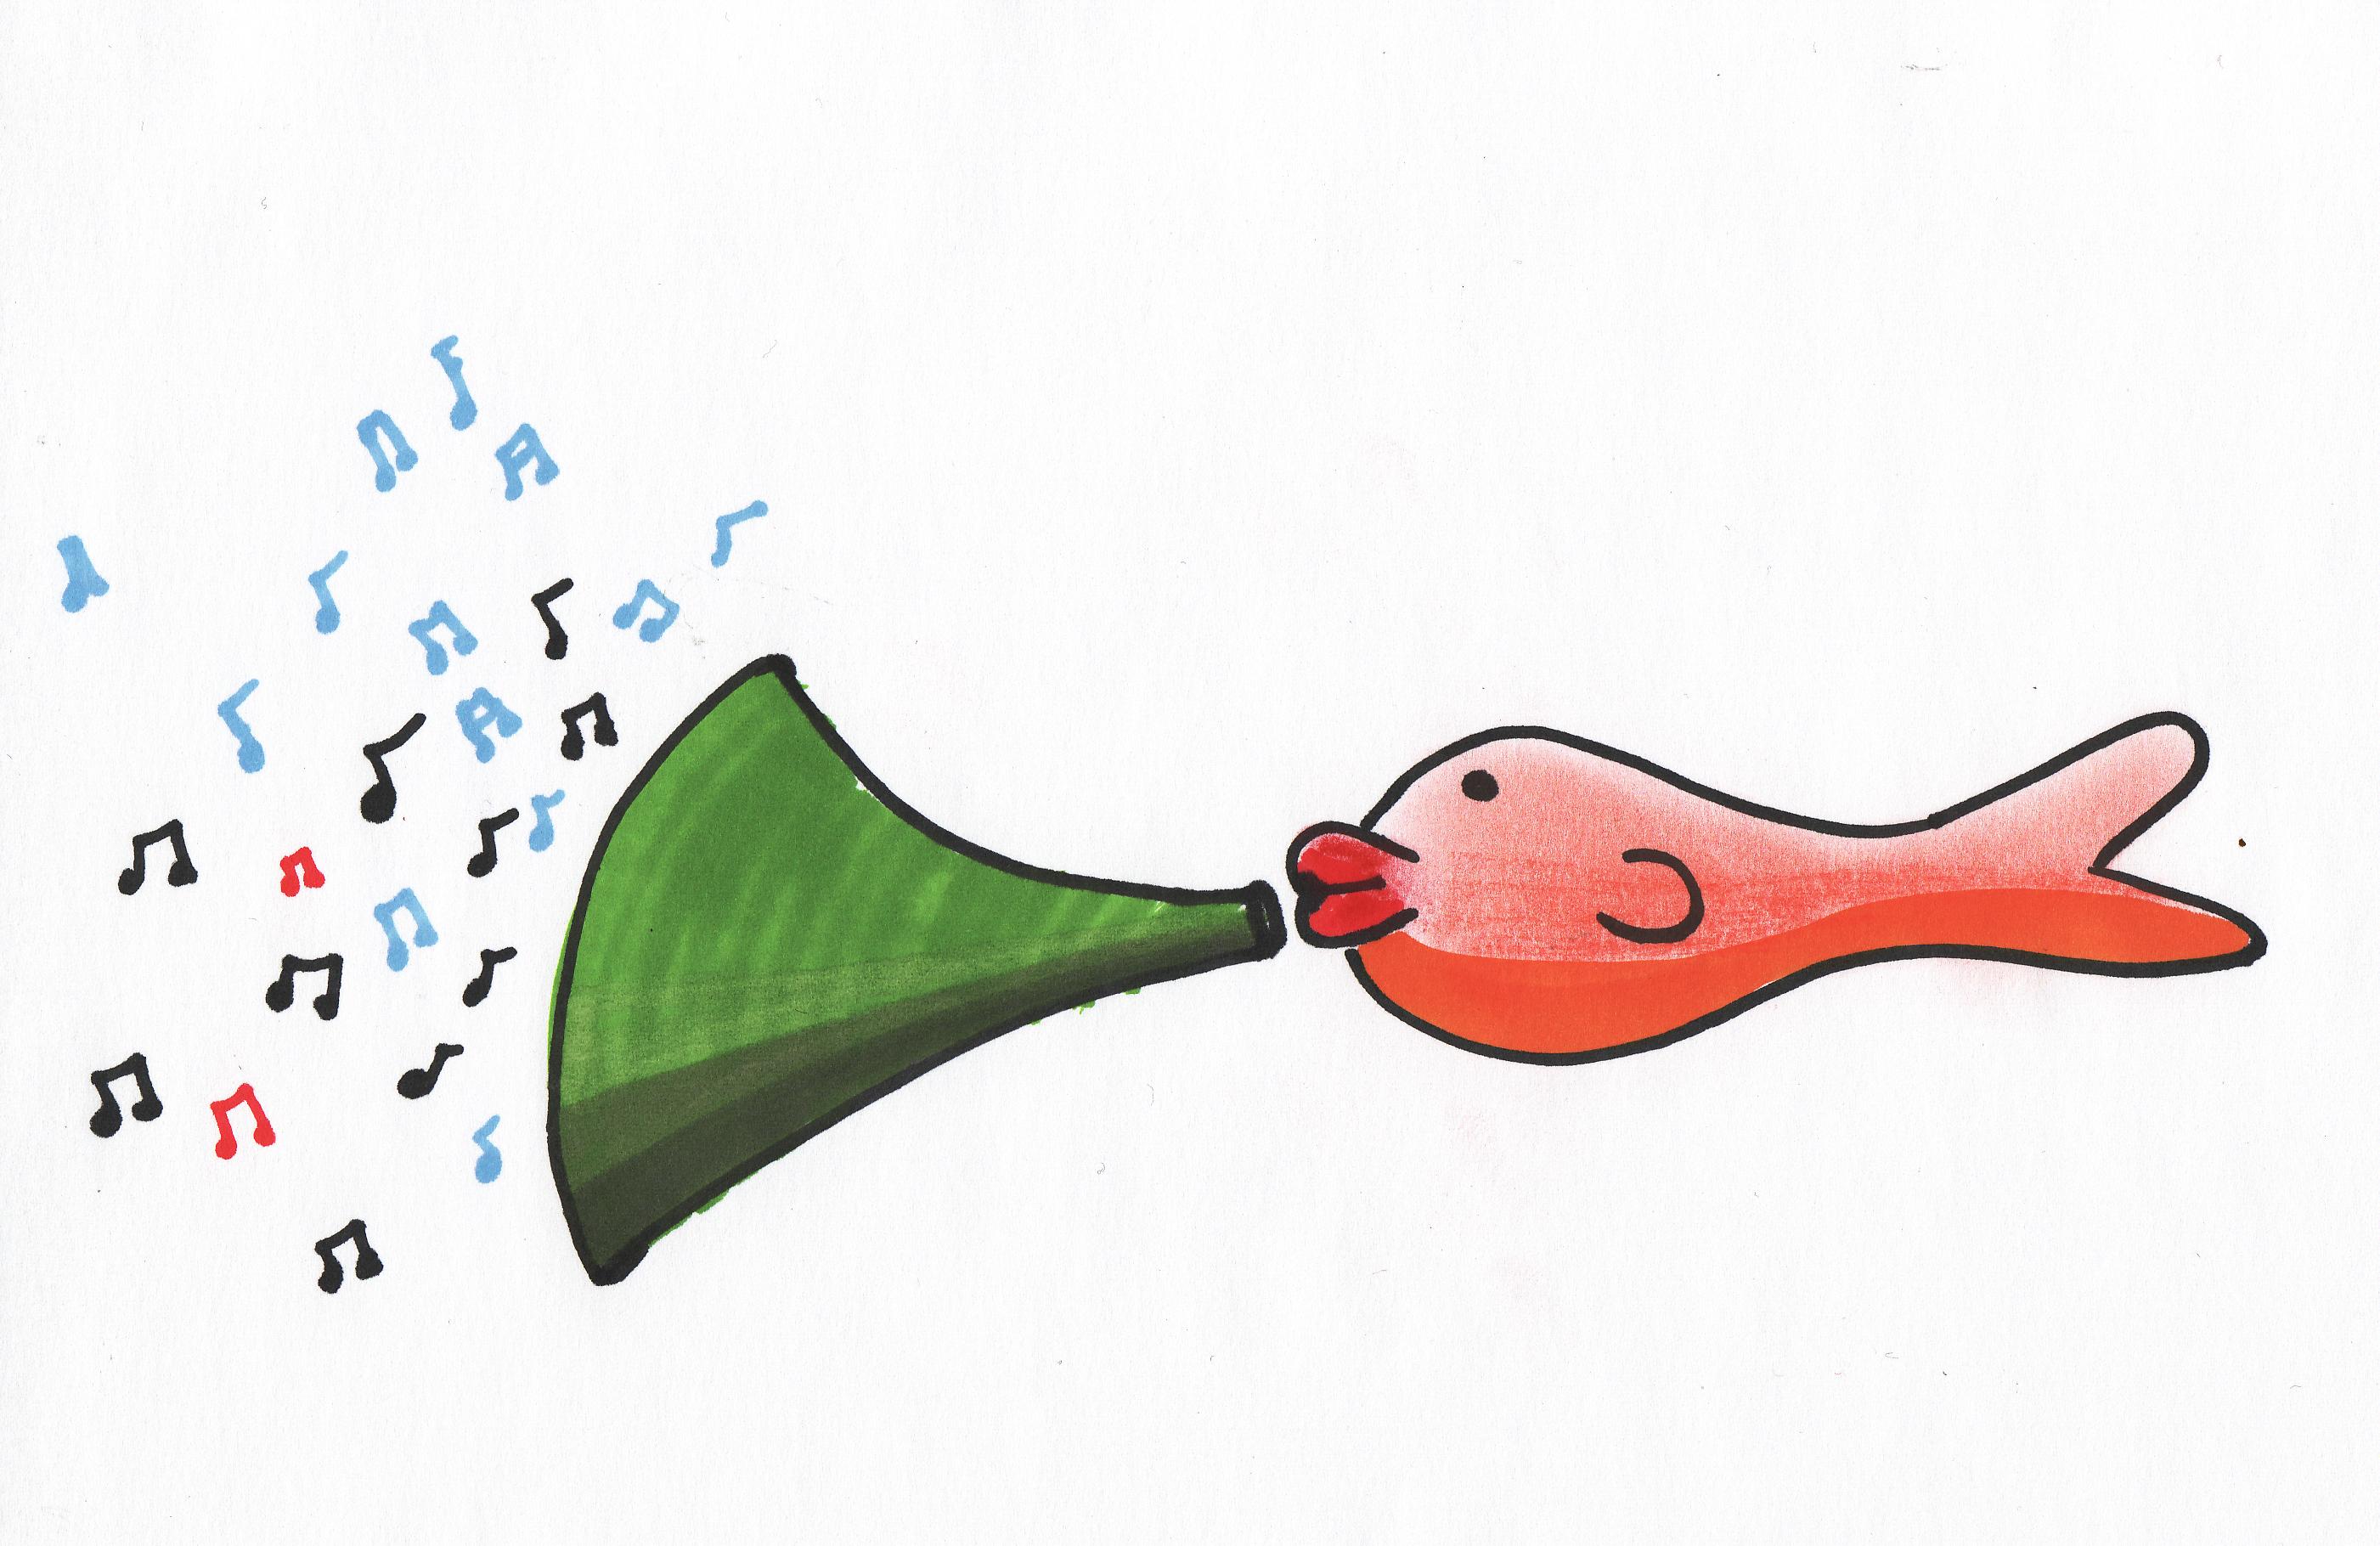 als een vis in de muziek